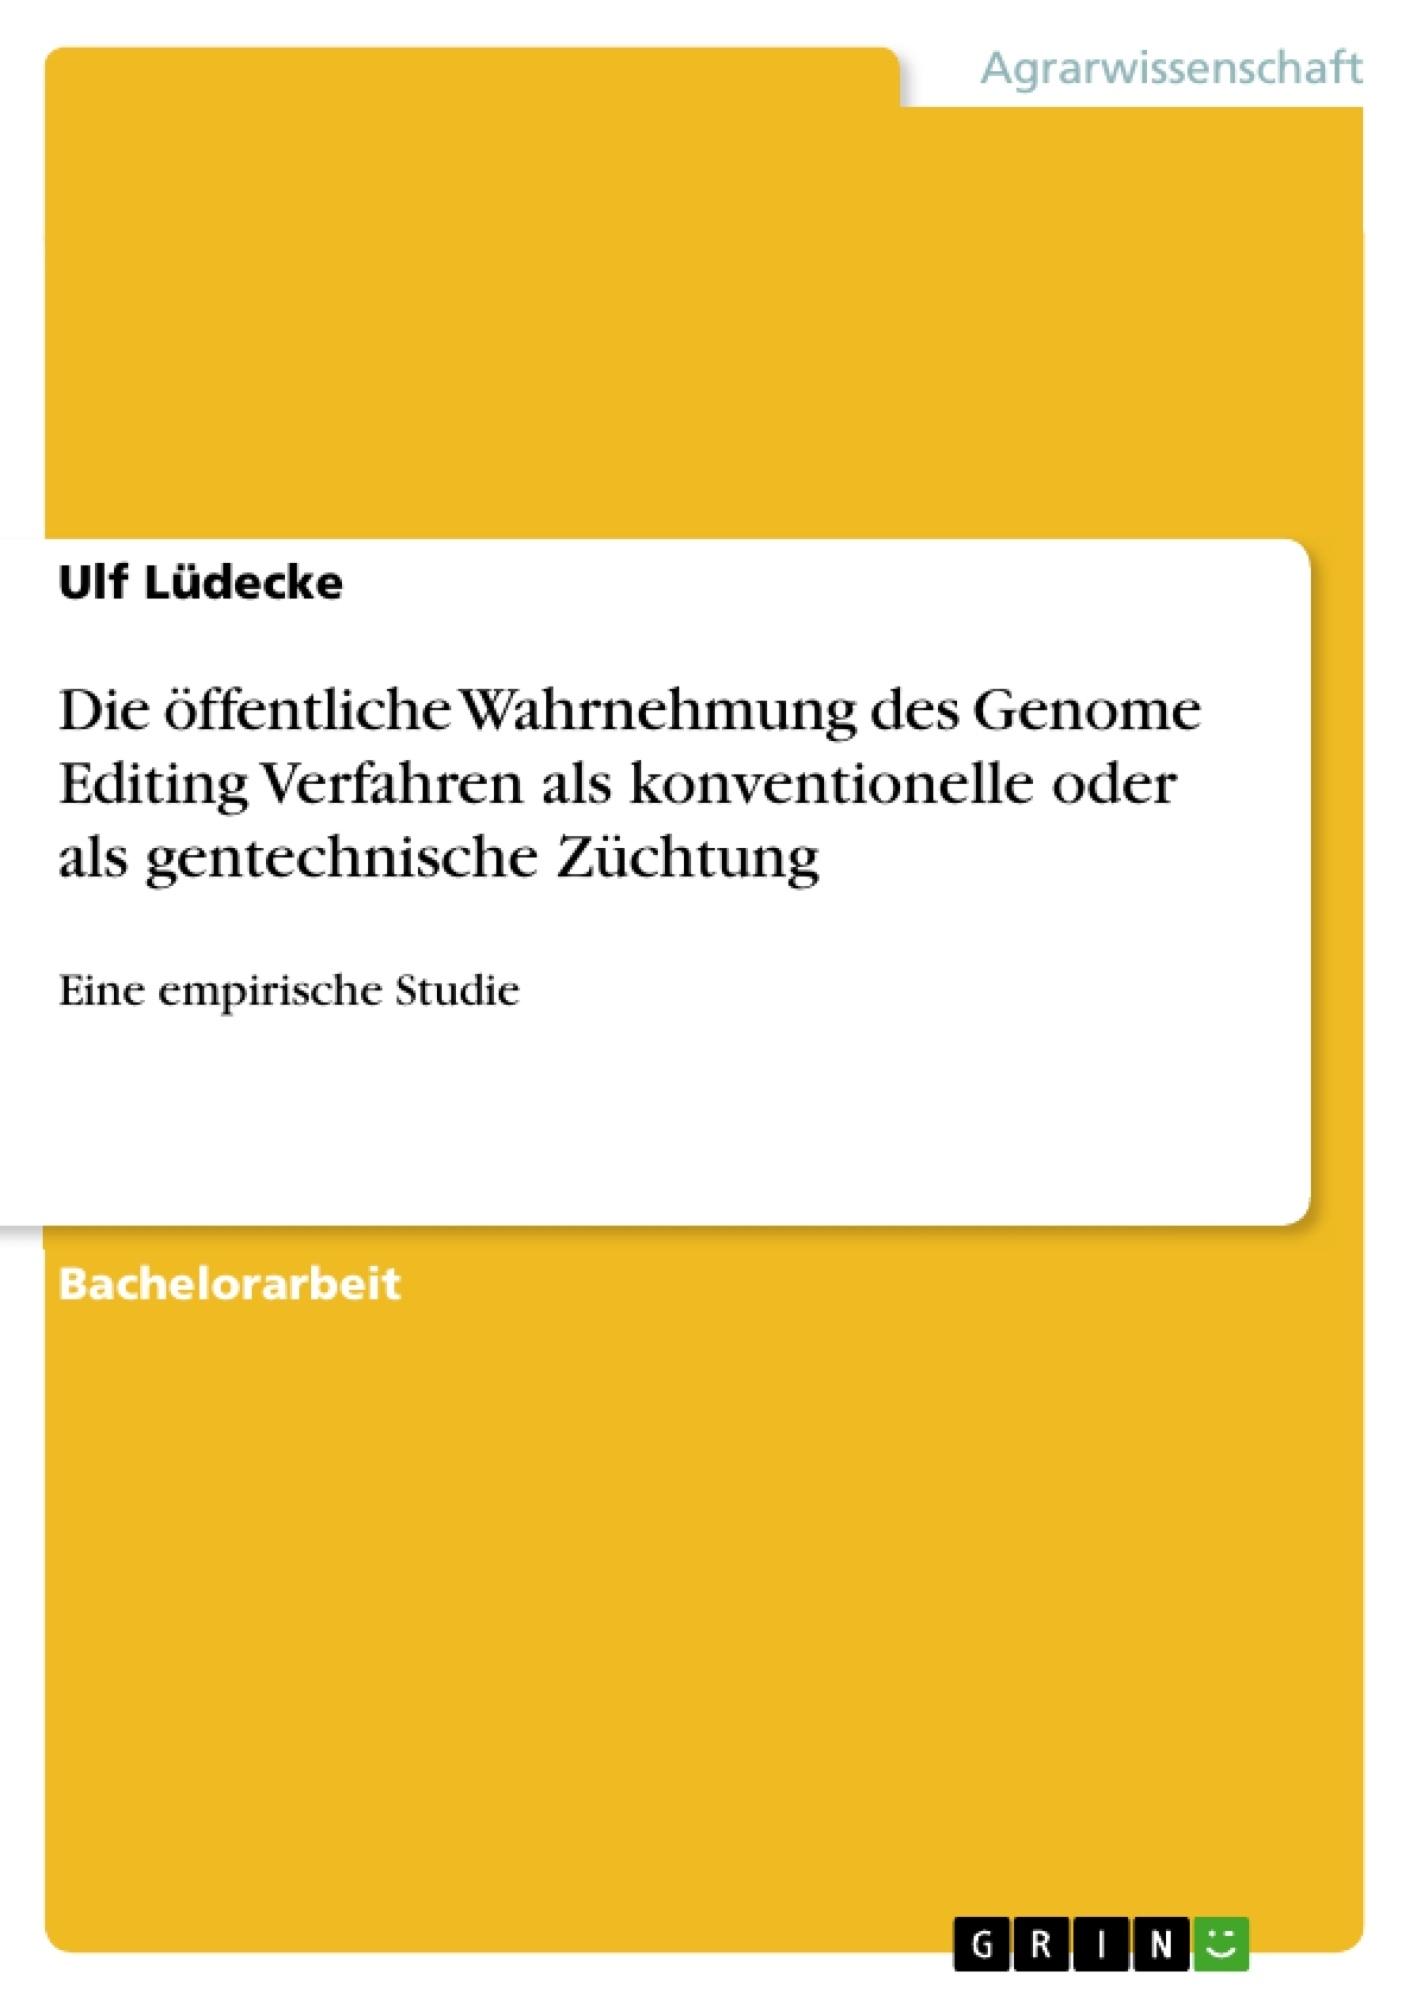 Titel: Die öffentliche Wahrnehmung des Genome Editing Verfahren als konventionelle oder als gentechnische Züchtung